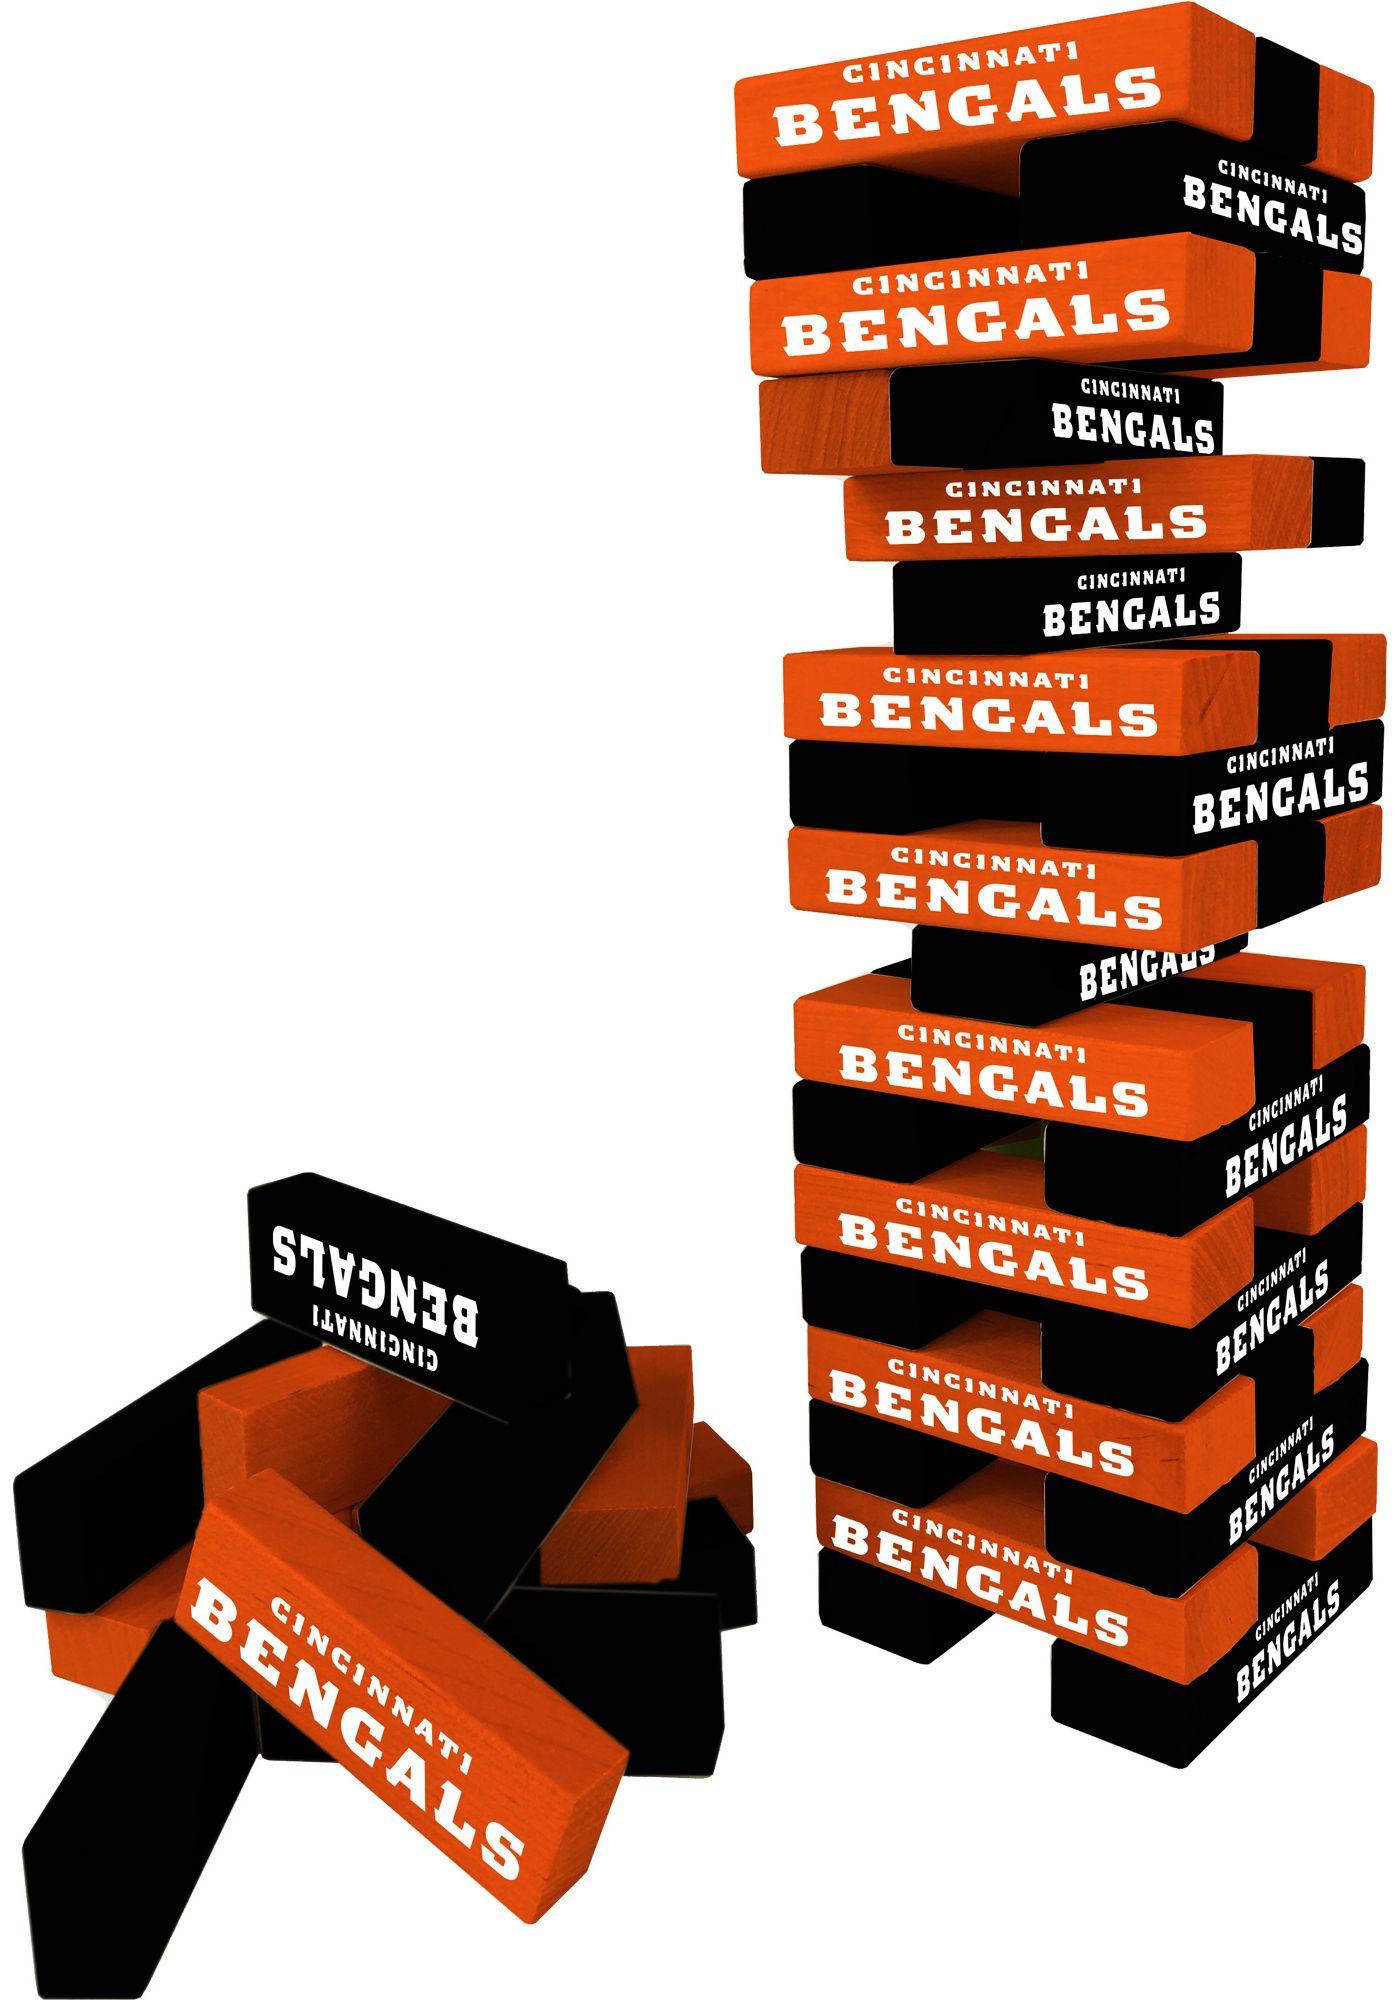 Wild Sports Cincinnati Bengals Table Top Stackers